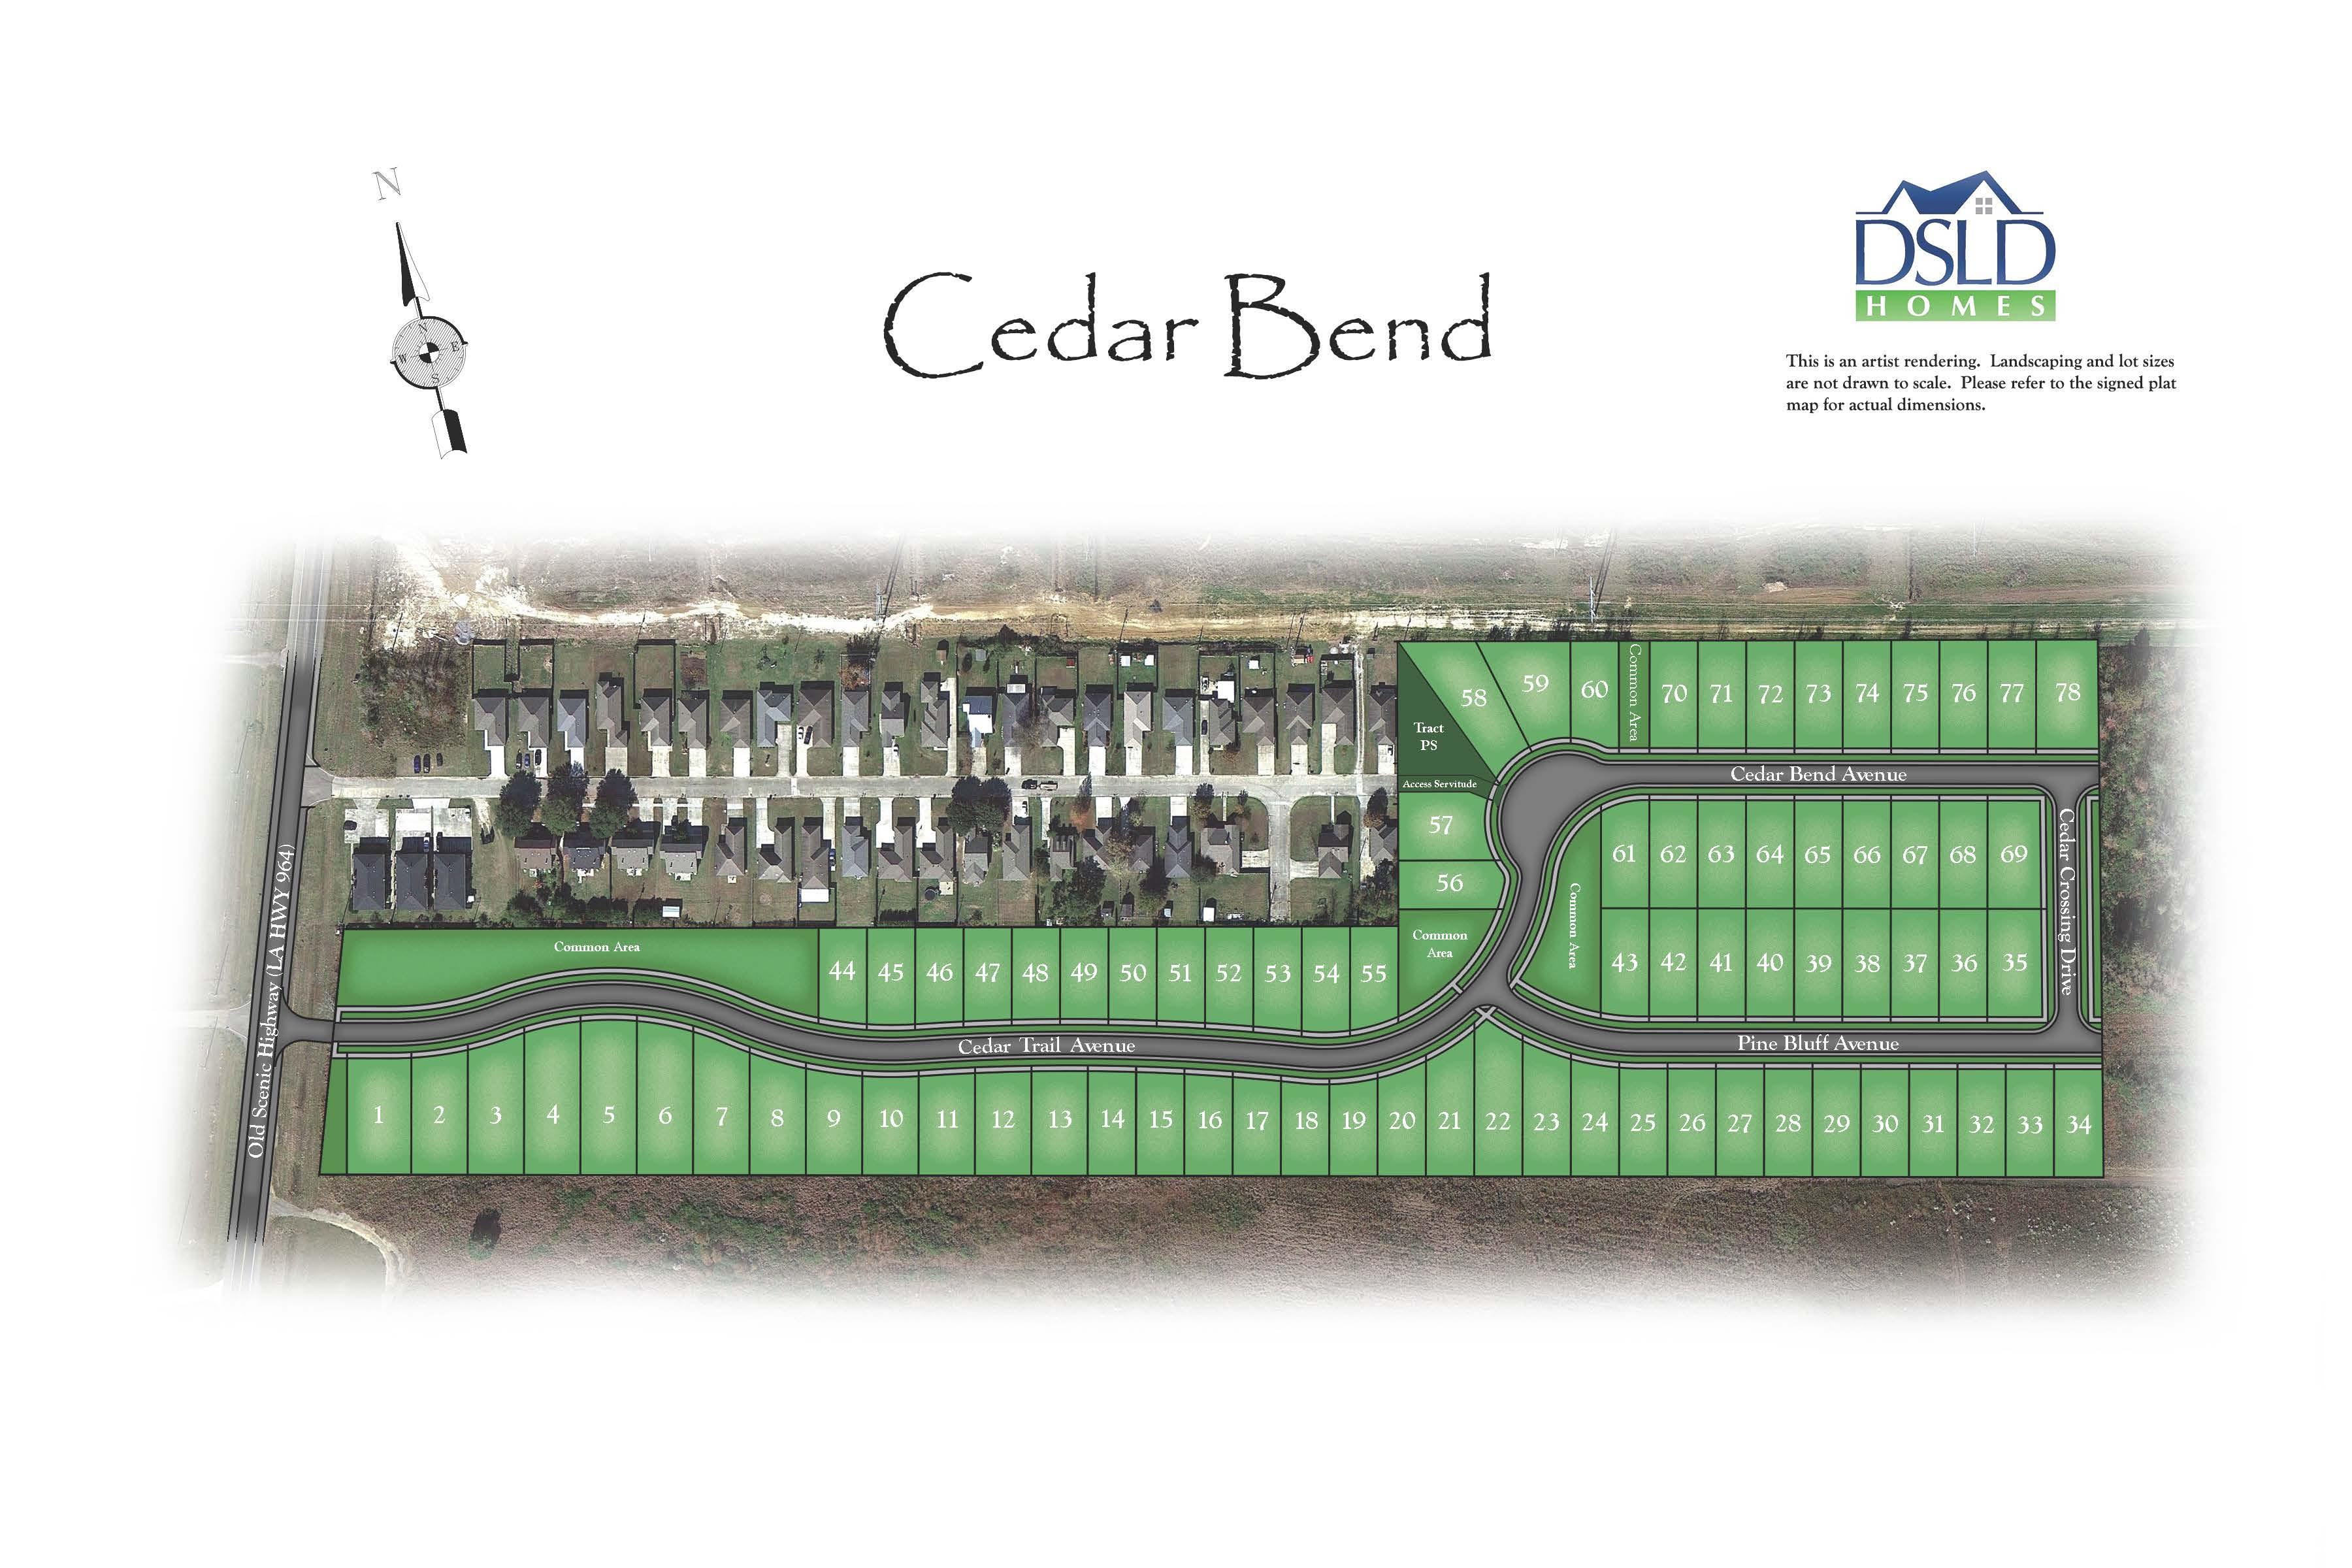 Cedar Bend DSLD Homes